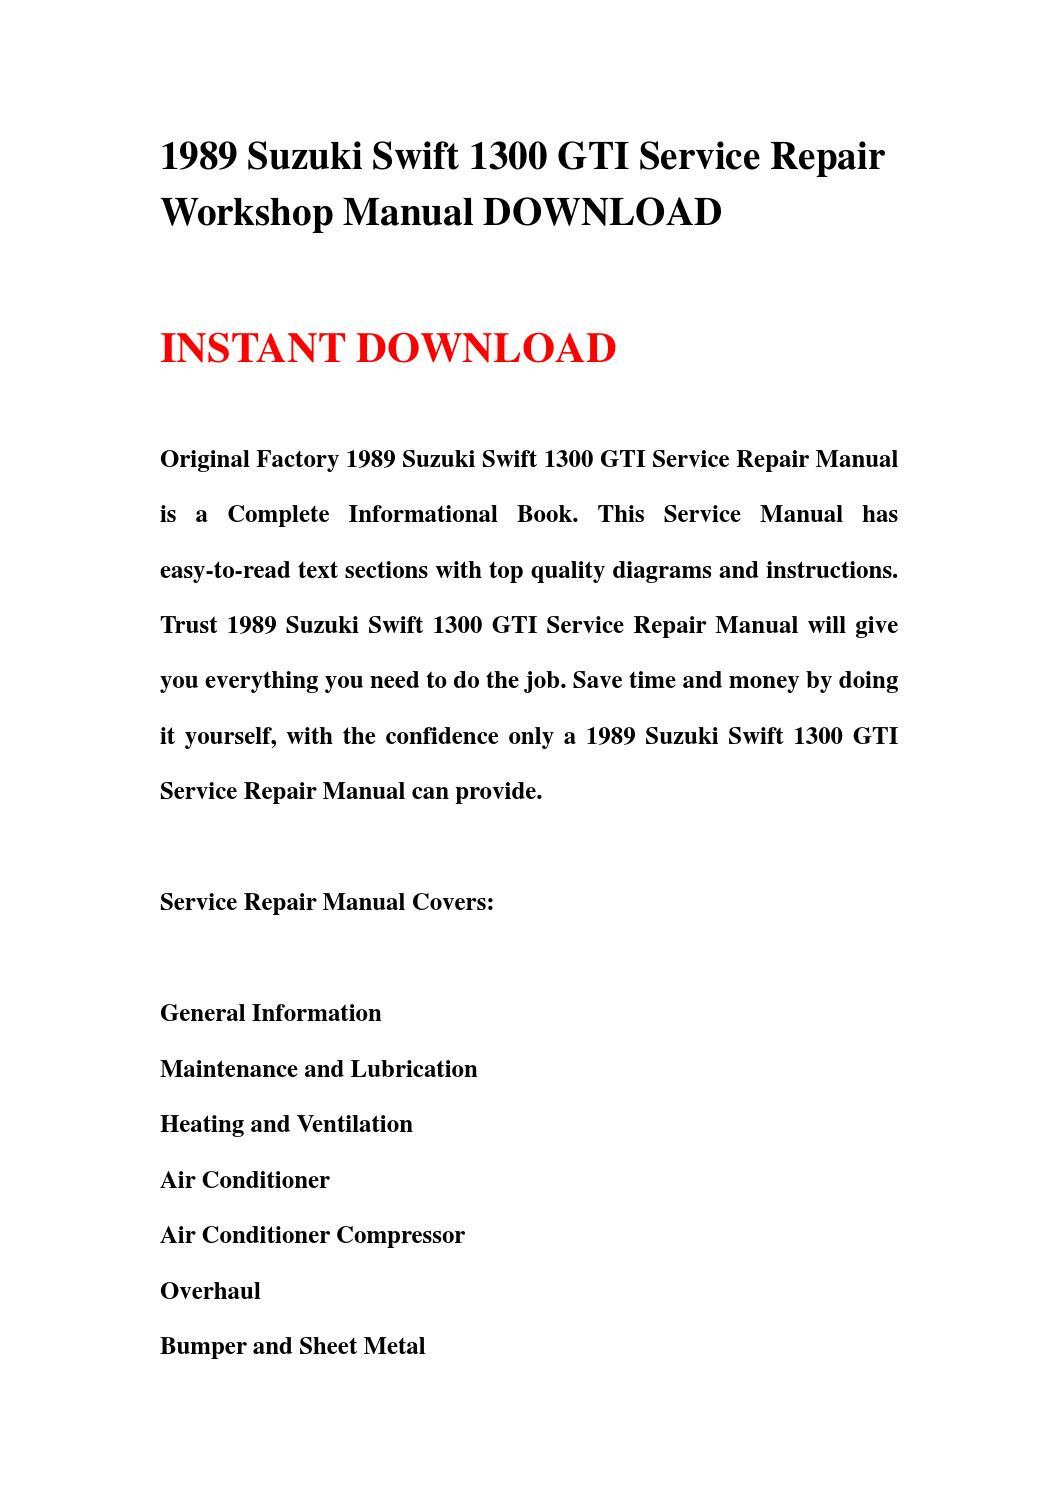 1989 Suzuki Swift 1300 Gti Service Repair Workshop Manual Download By Jhdjrhnn